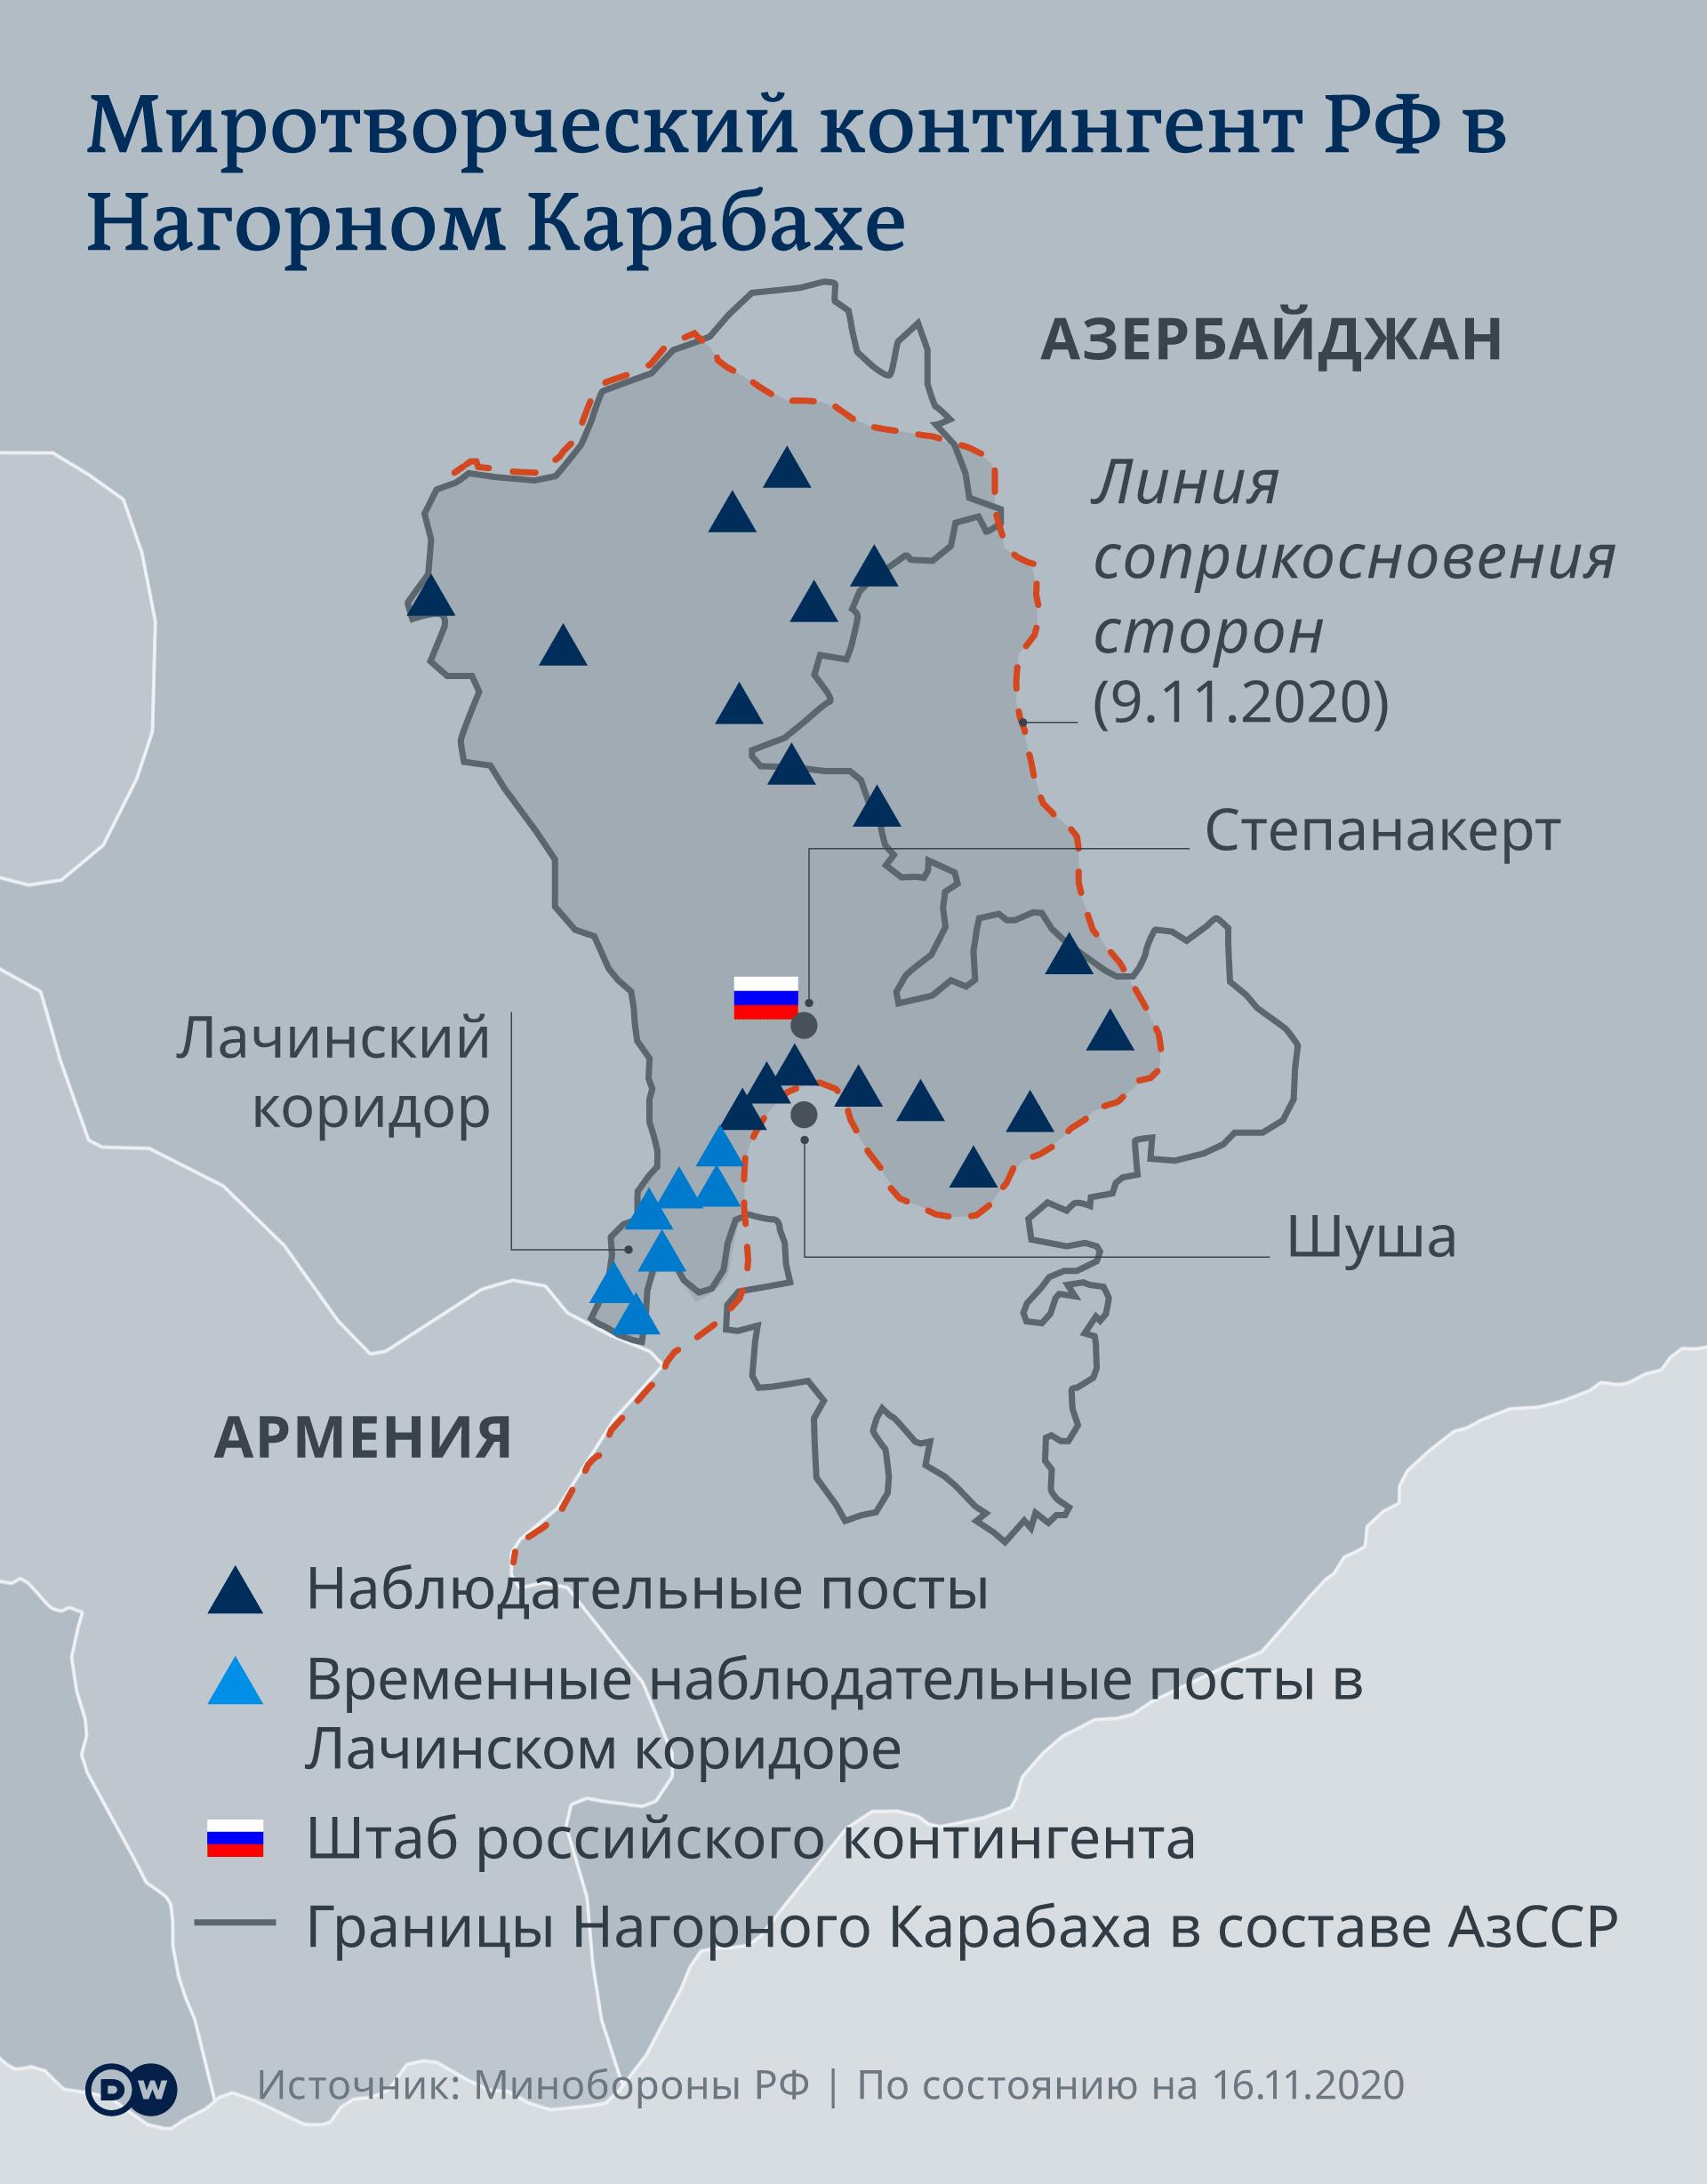 Нагорный Карабах - Инфографика